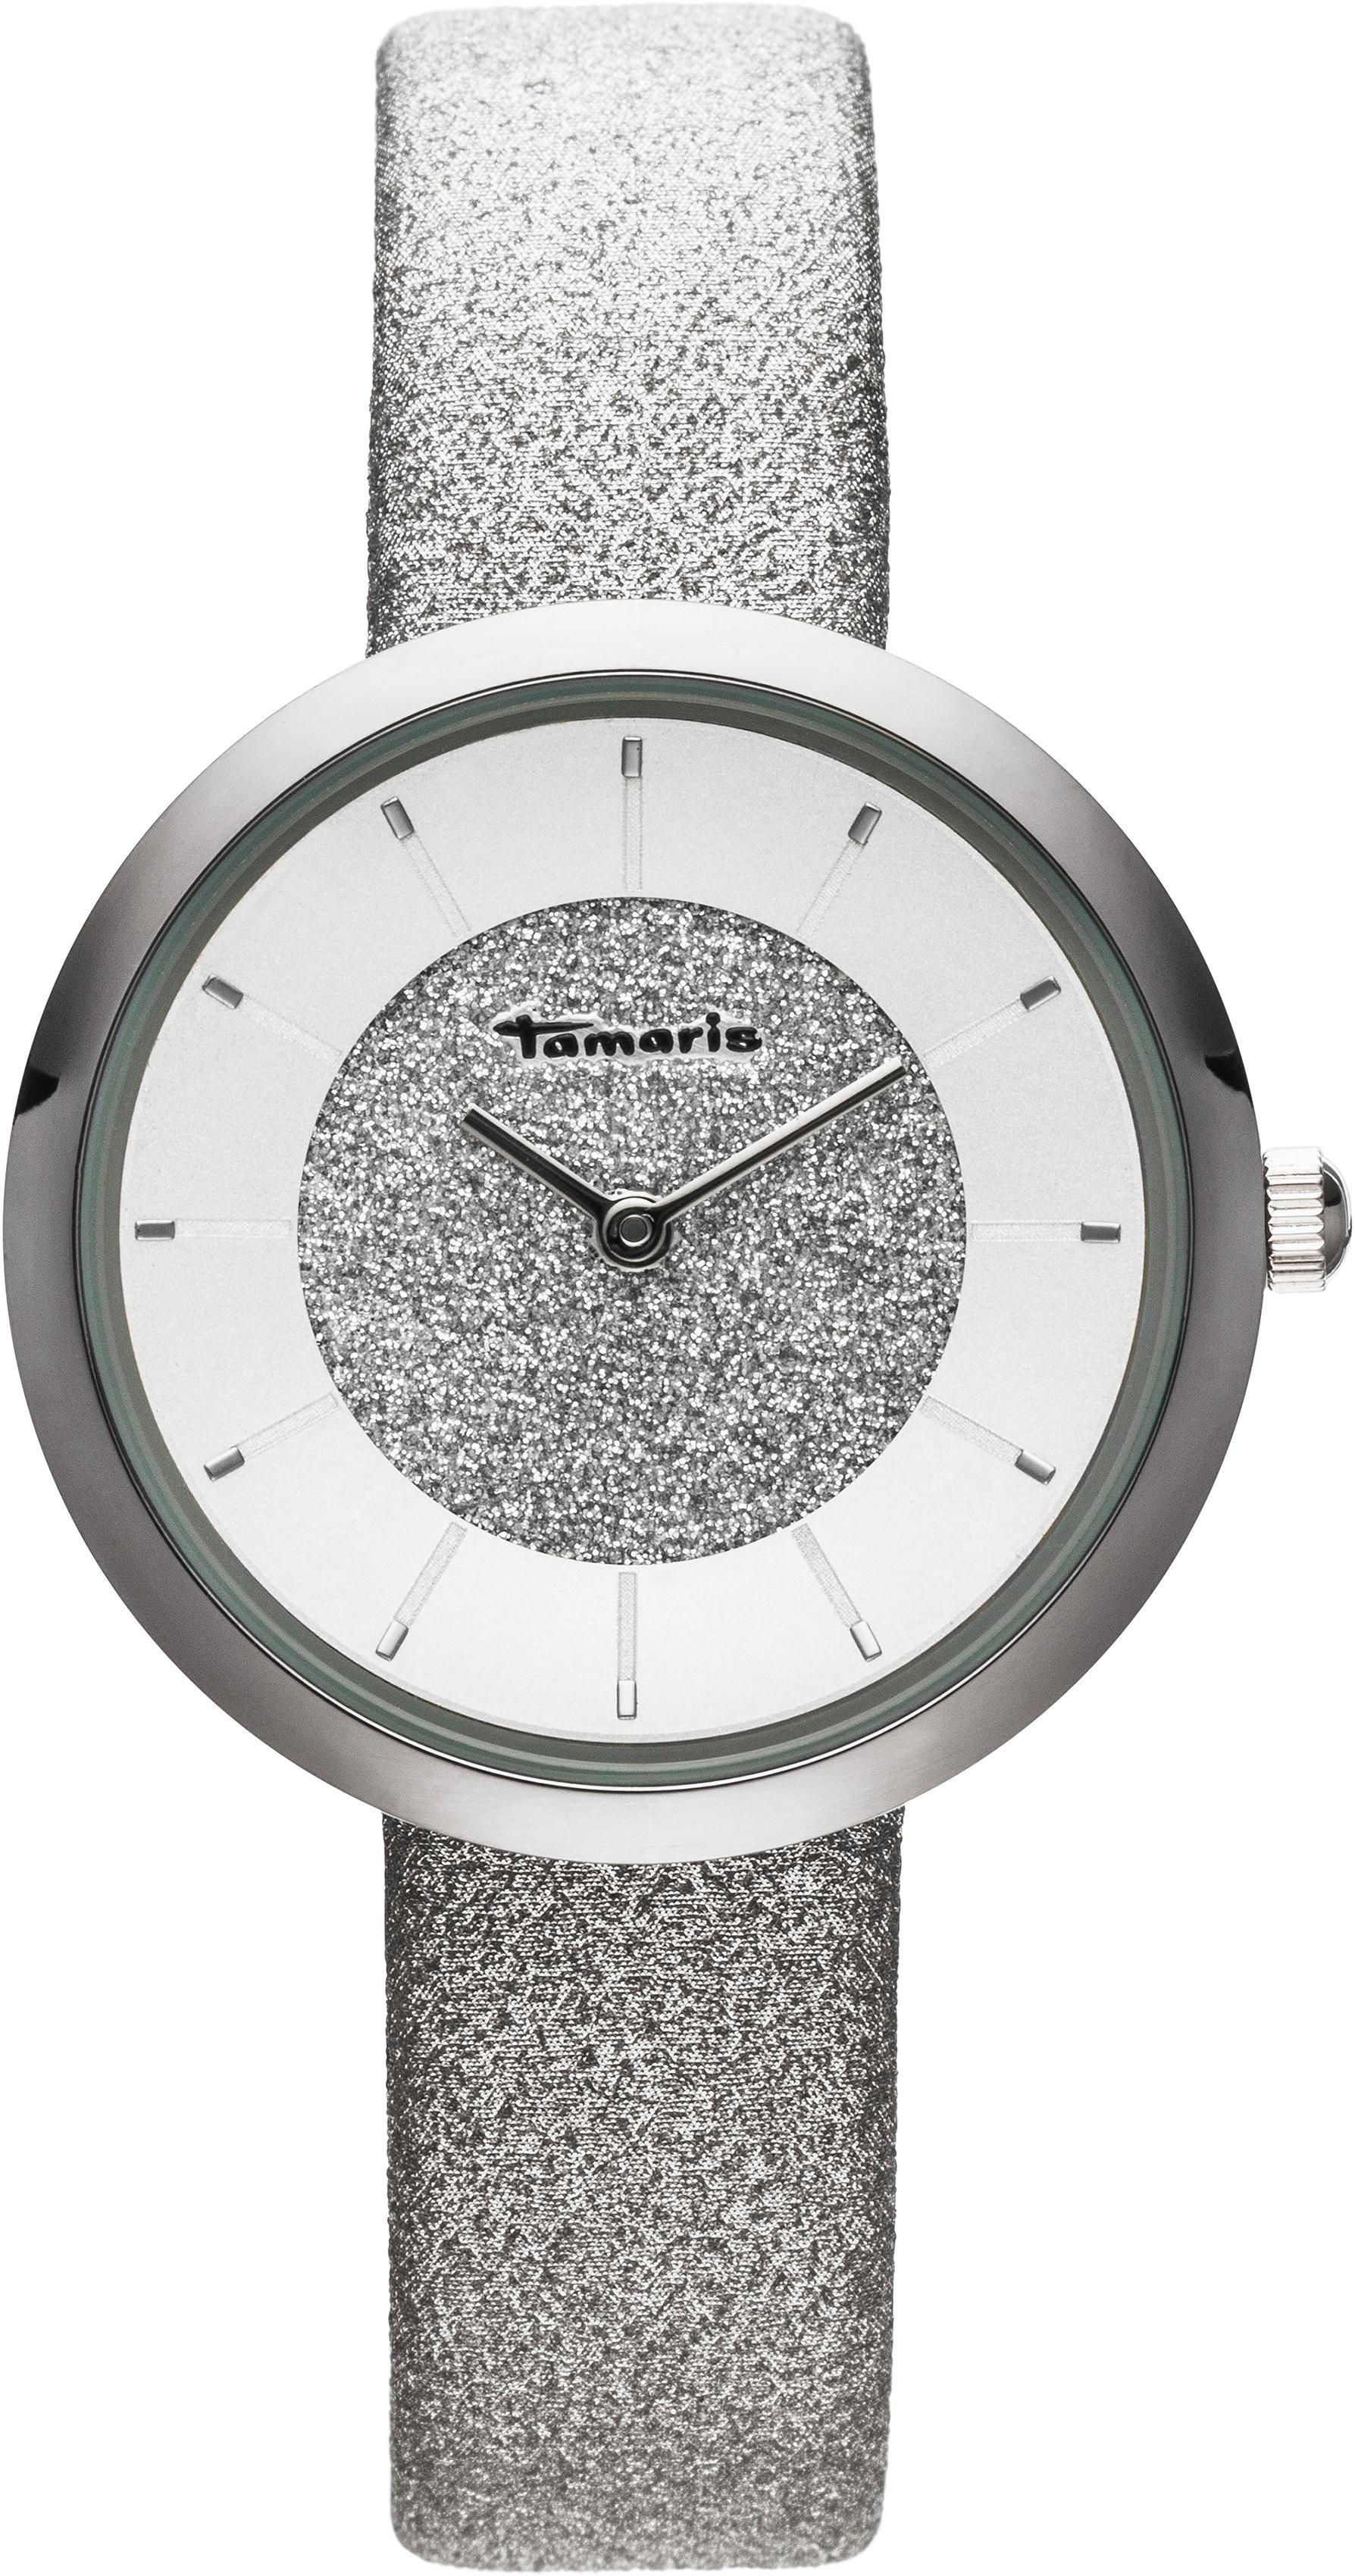 Tamaris kwartshorloge »Bea, TW050« goedkoop op otto.nl kopen